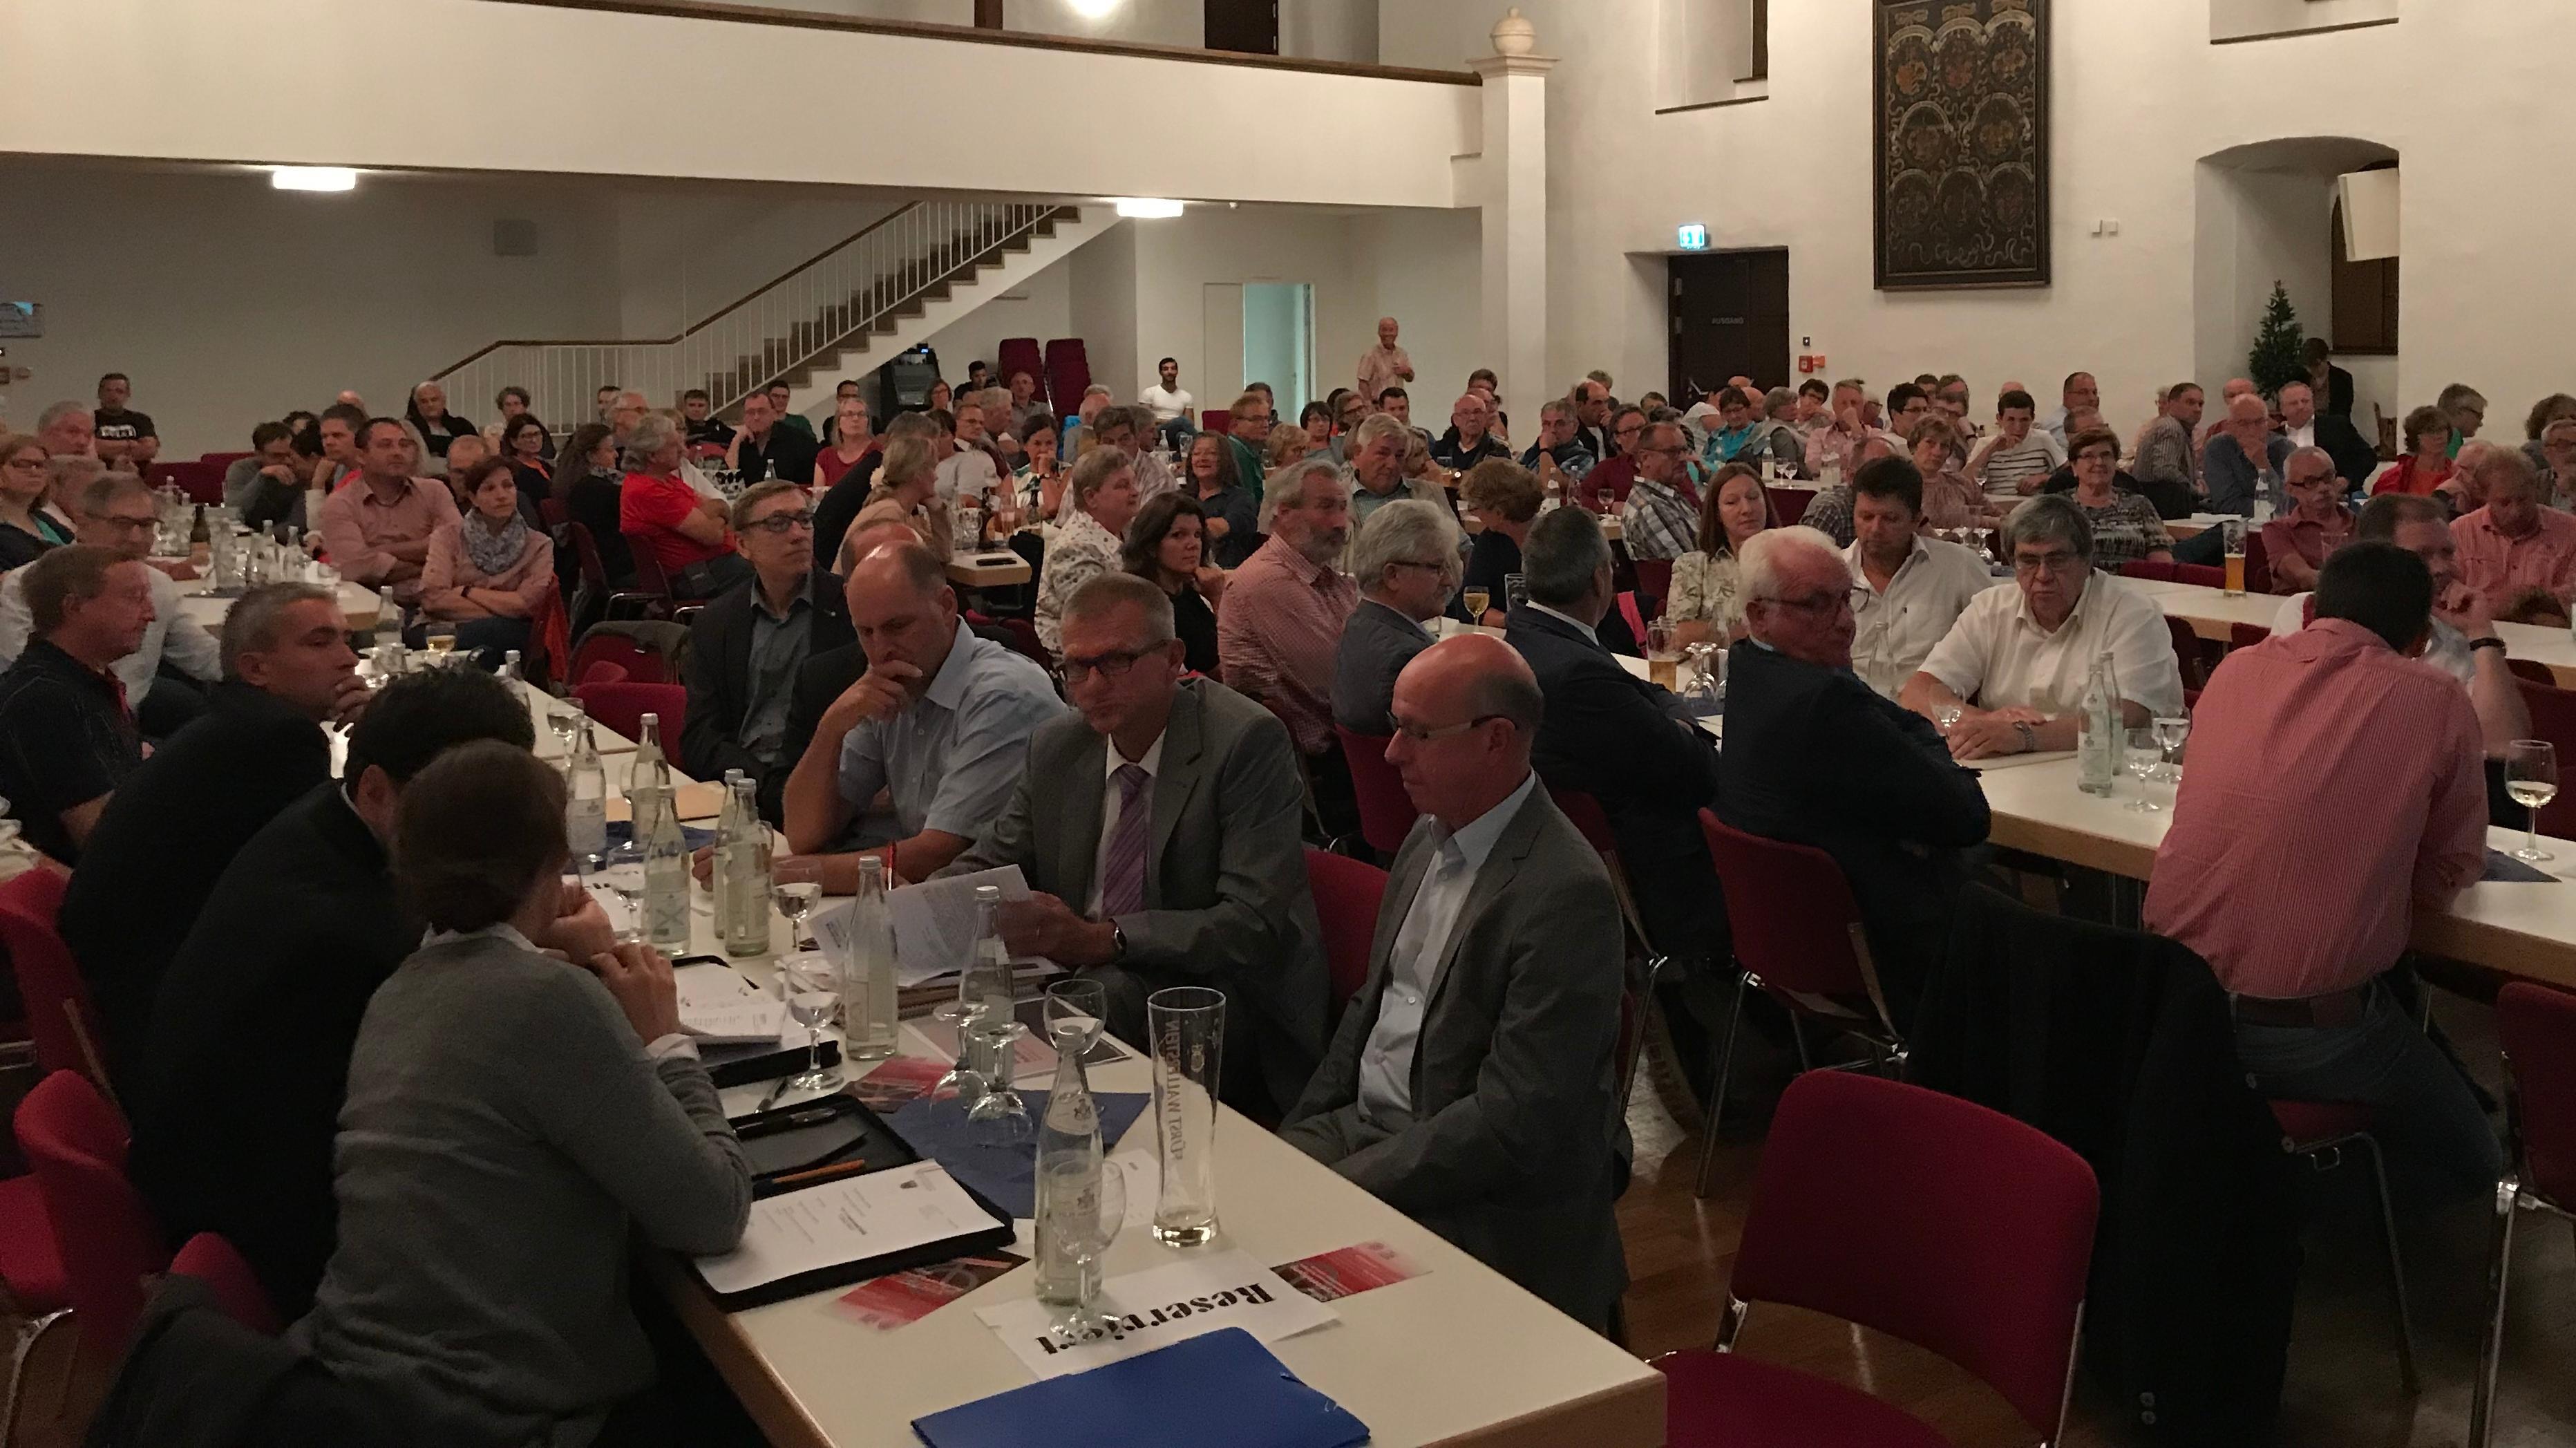 Zahlreiche Bürger sitzen bei einer Bürgerversammlung in Nördlingen an langen Tischen